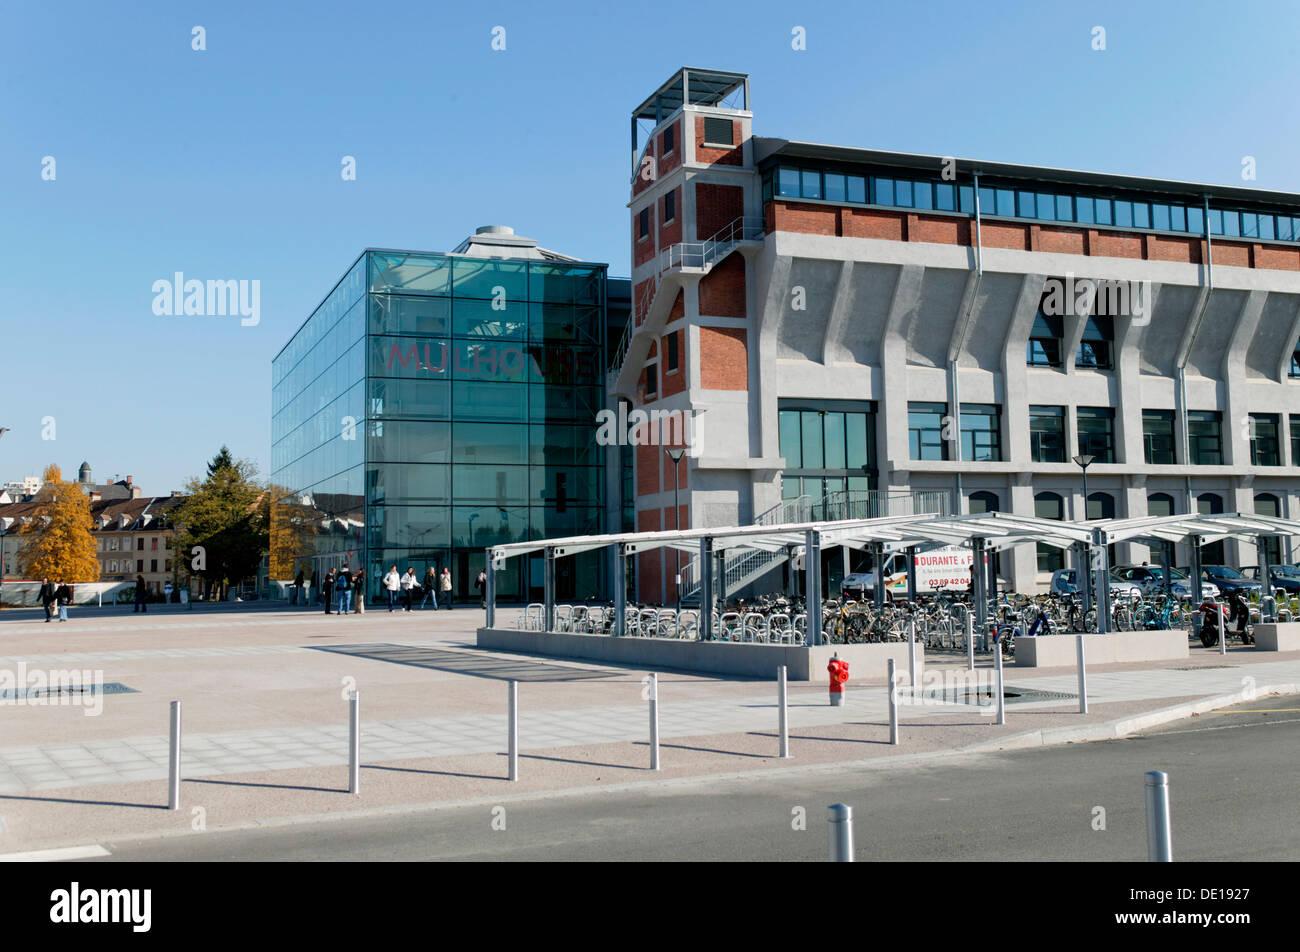 La Fonderie, Mulhouse Universität errichtet in einer alten Gießerei, Elsass, Frankreich, Europa Stockbild